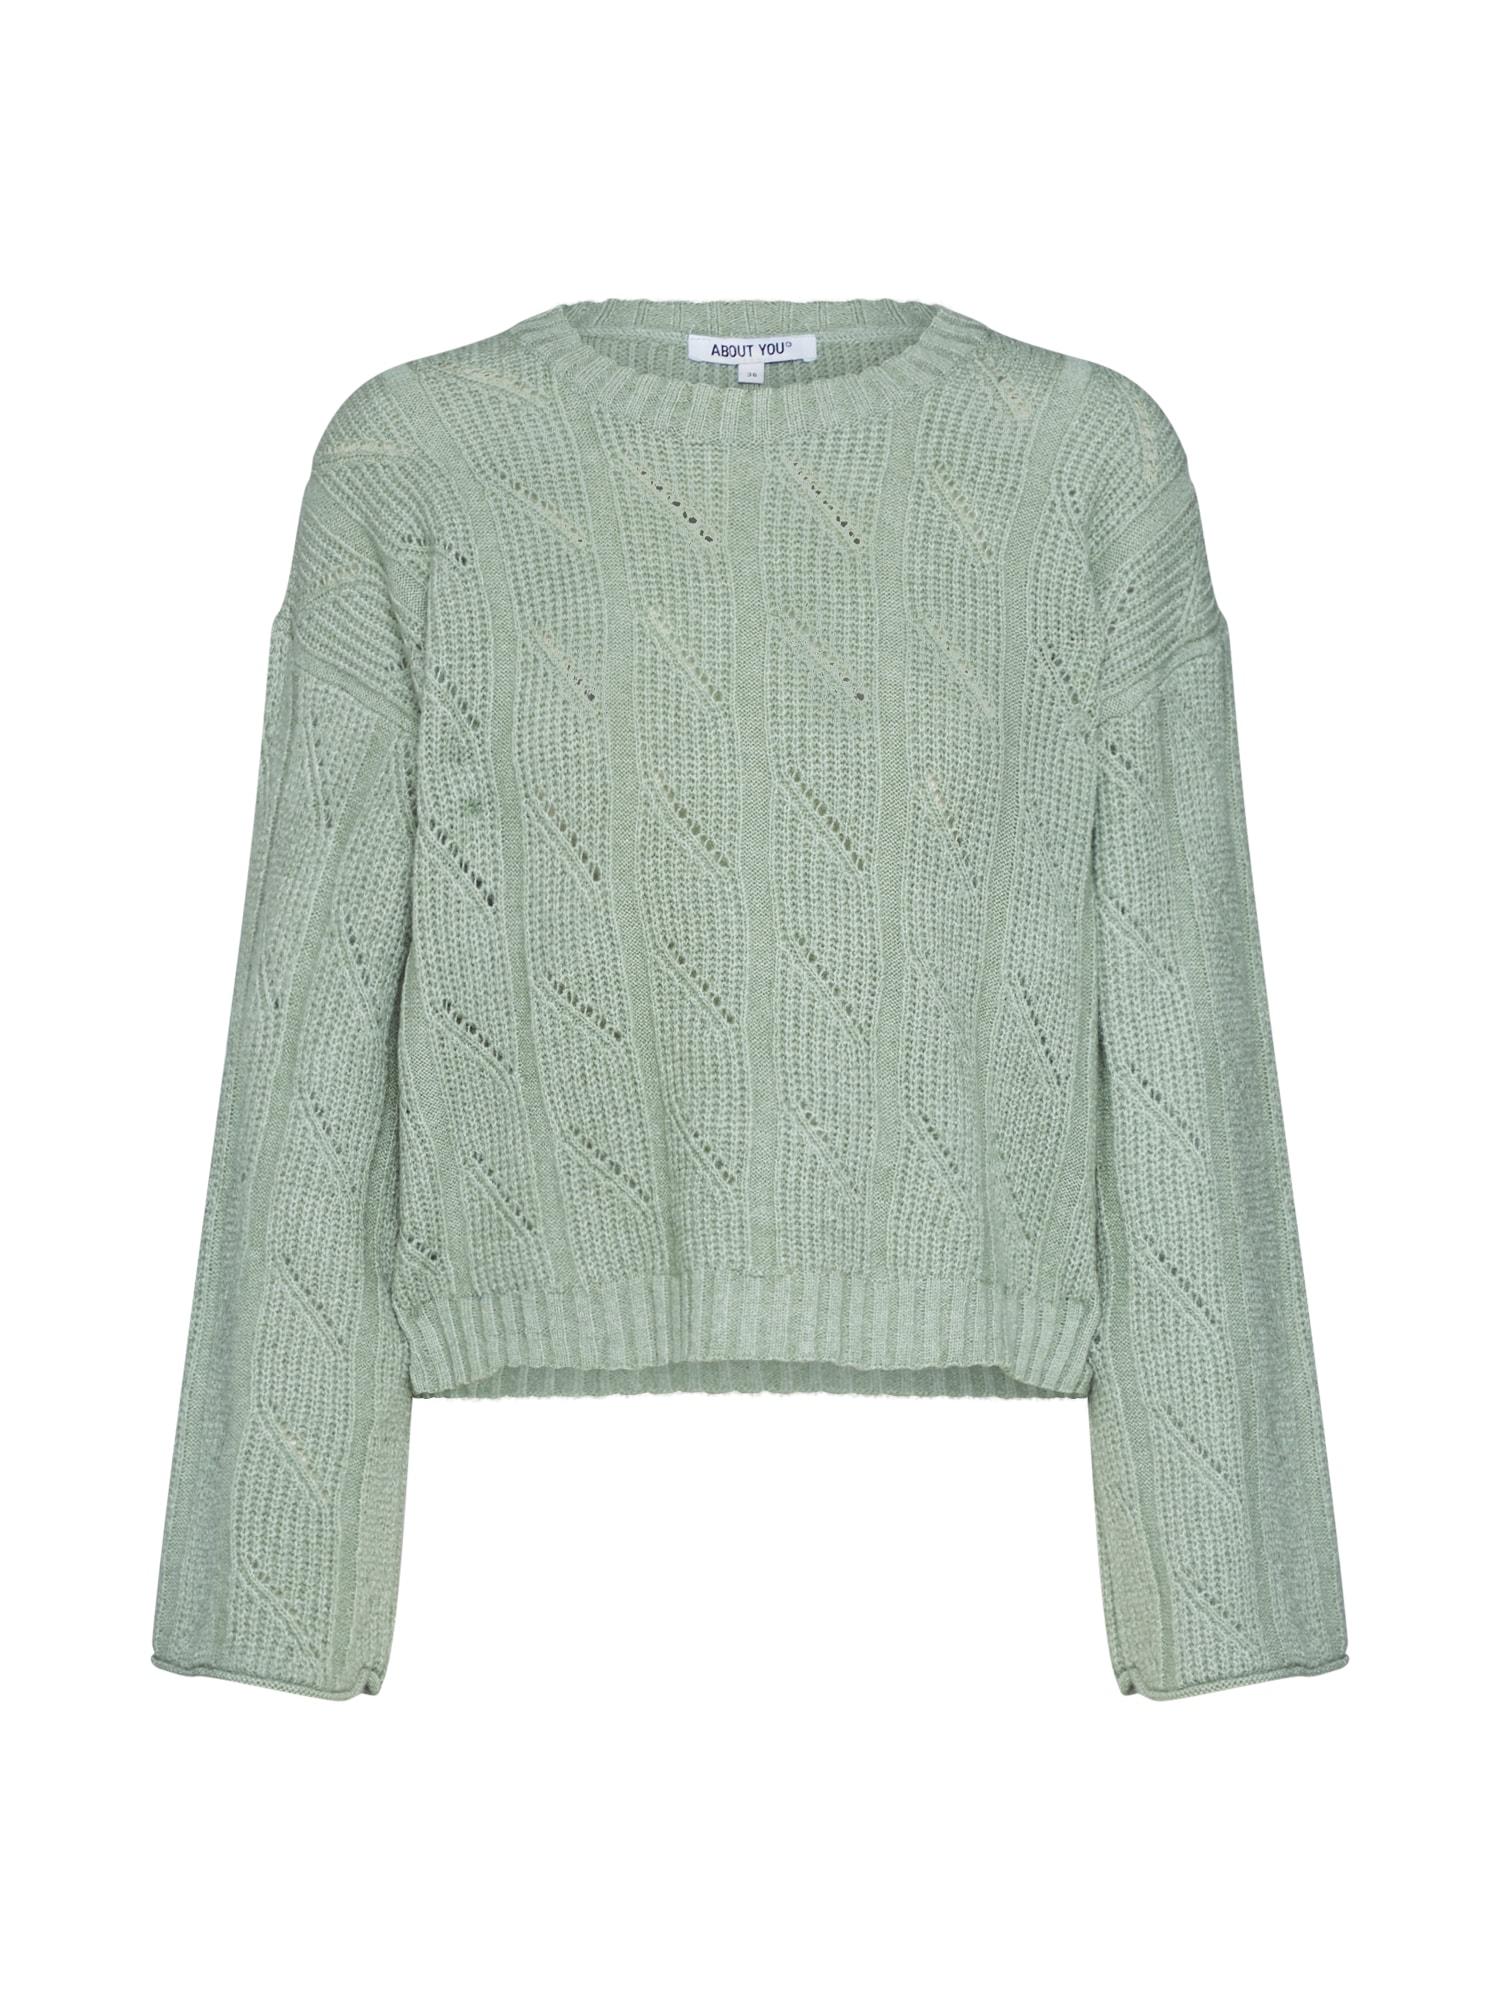 ABOUT YOU Megztinis 'Philippa' mėtų spalva